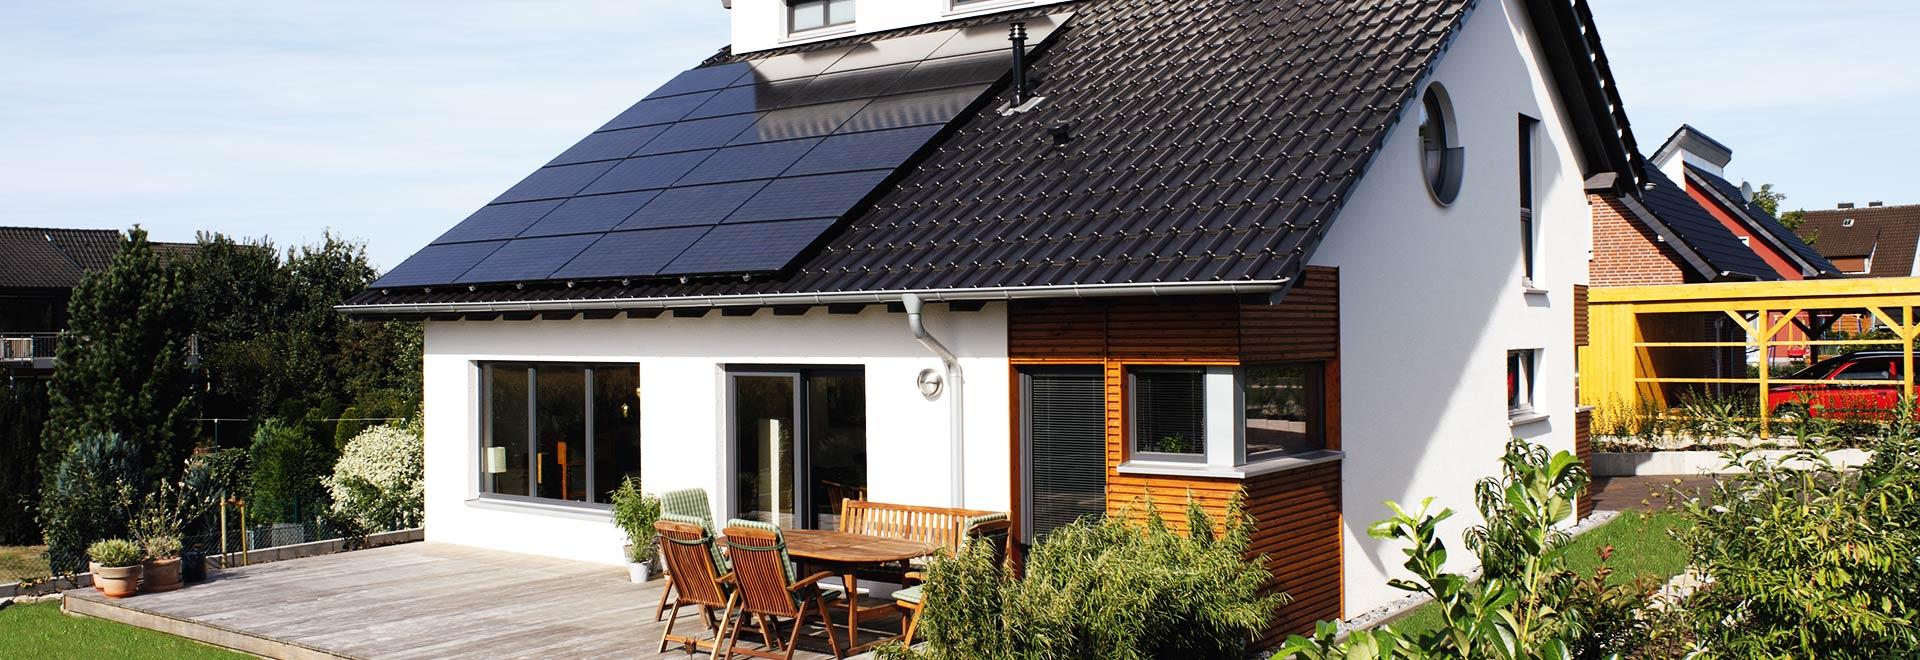 Walter Vögele GmbH in Freiburg: Eigennutzung Solarenergie